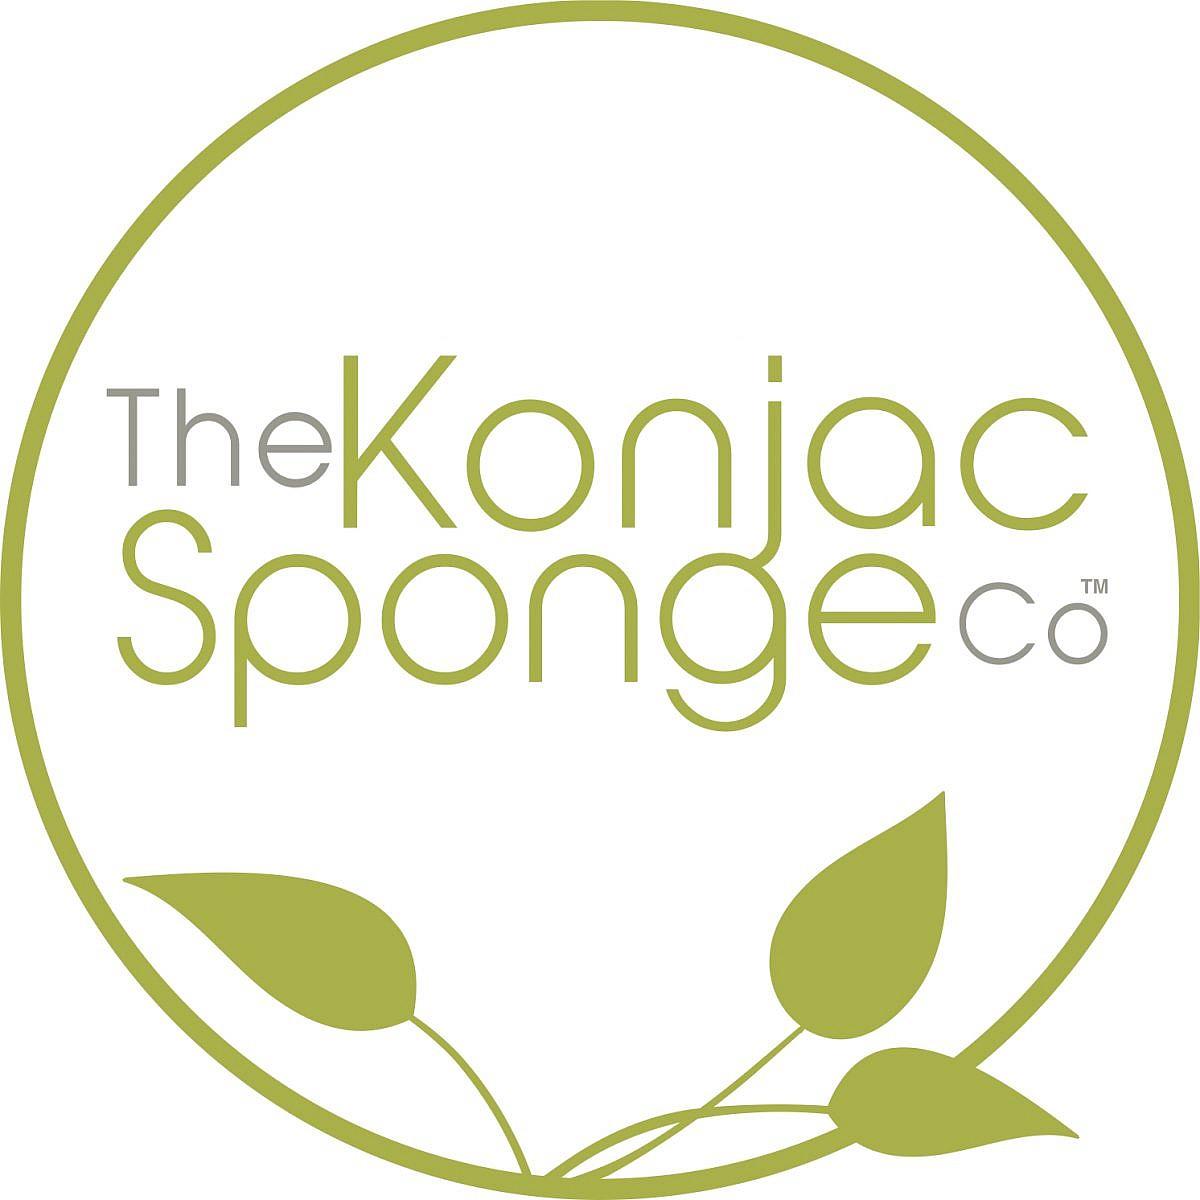 The Konjac Sponge Company - Tutto sull'azienda